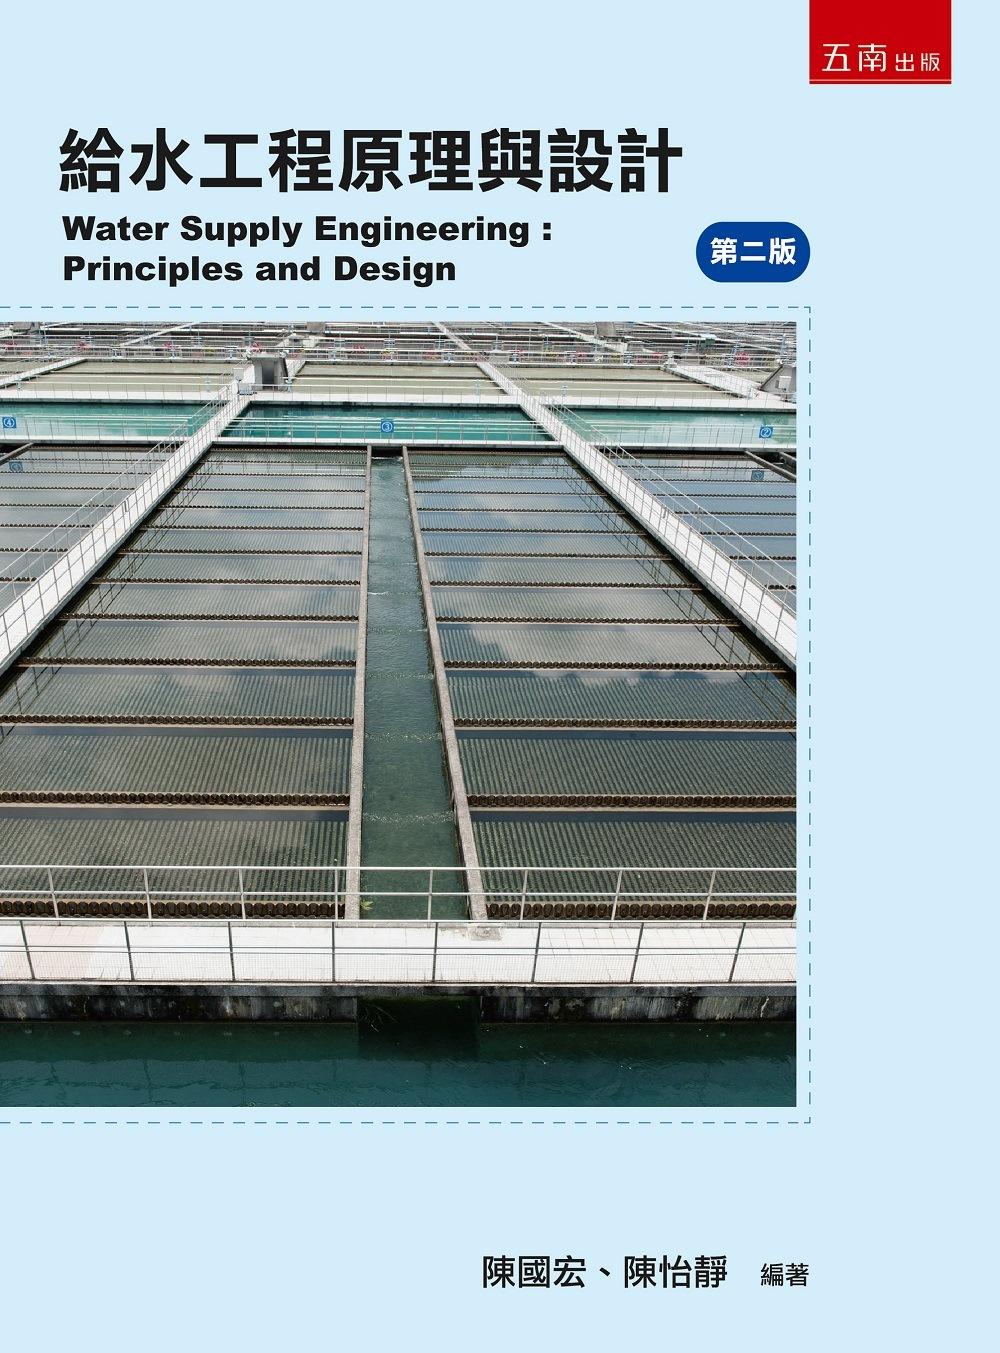 給水工程原理與設計(2版)